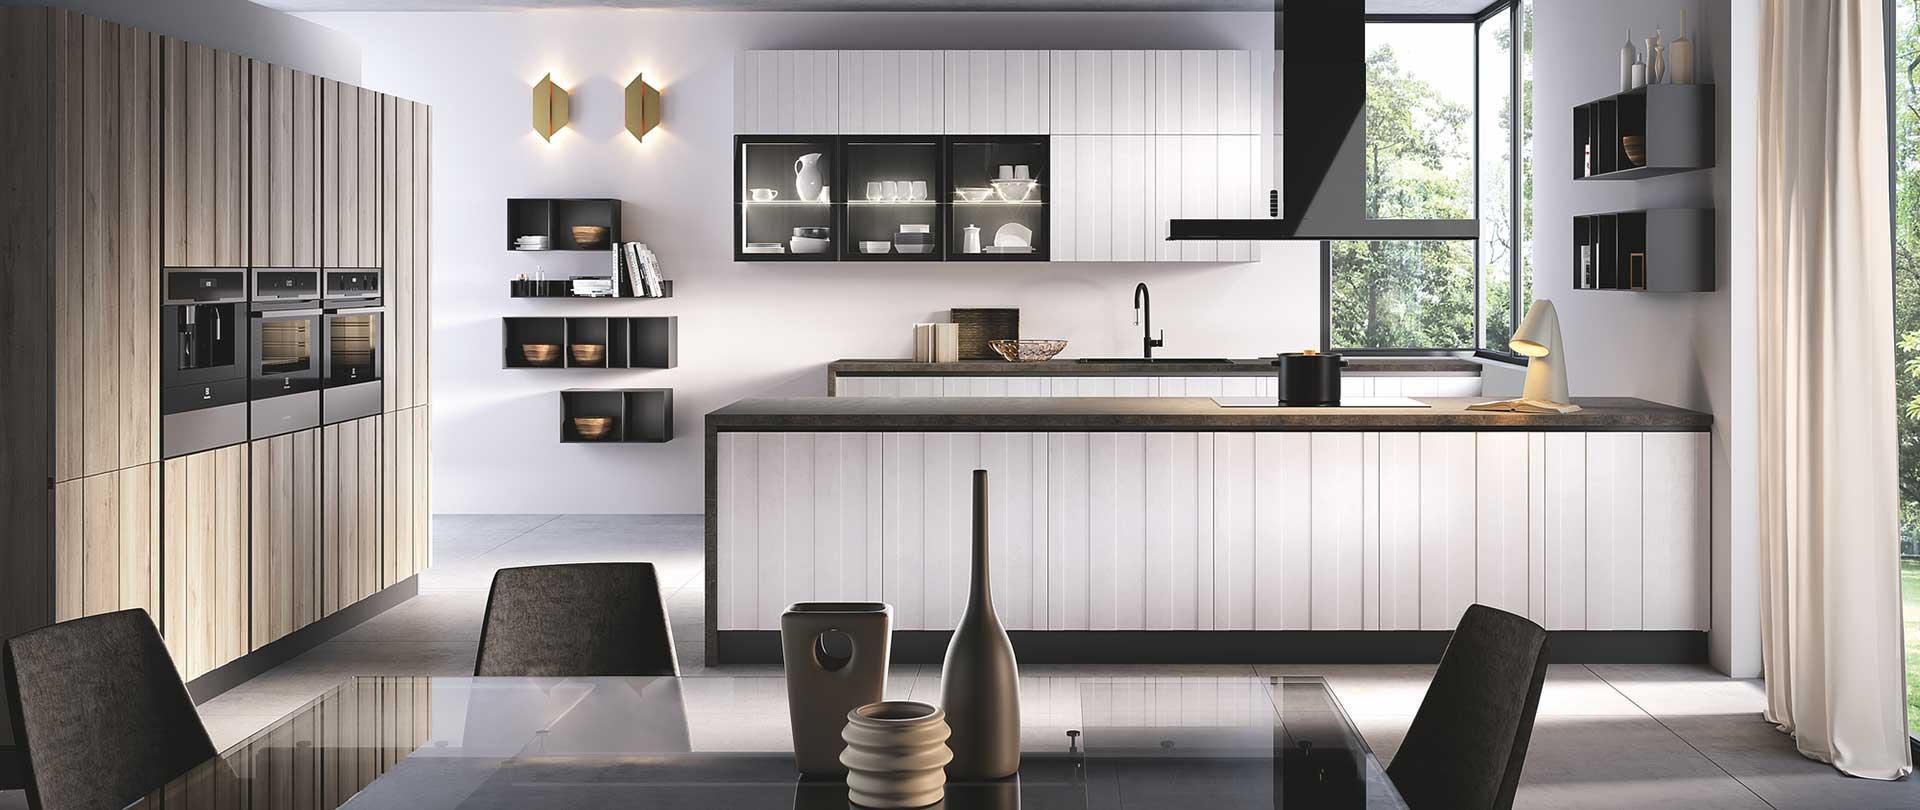 01-cucina-moderna-camilla-perla-spatolato_rovere-naturale-1